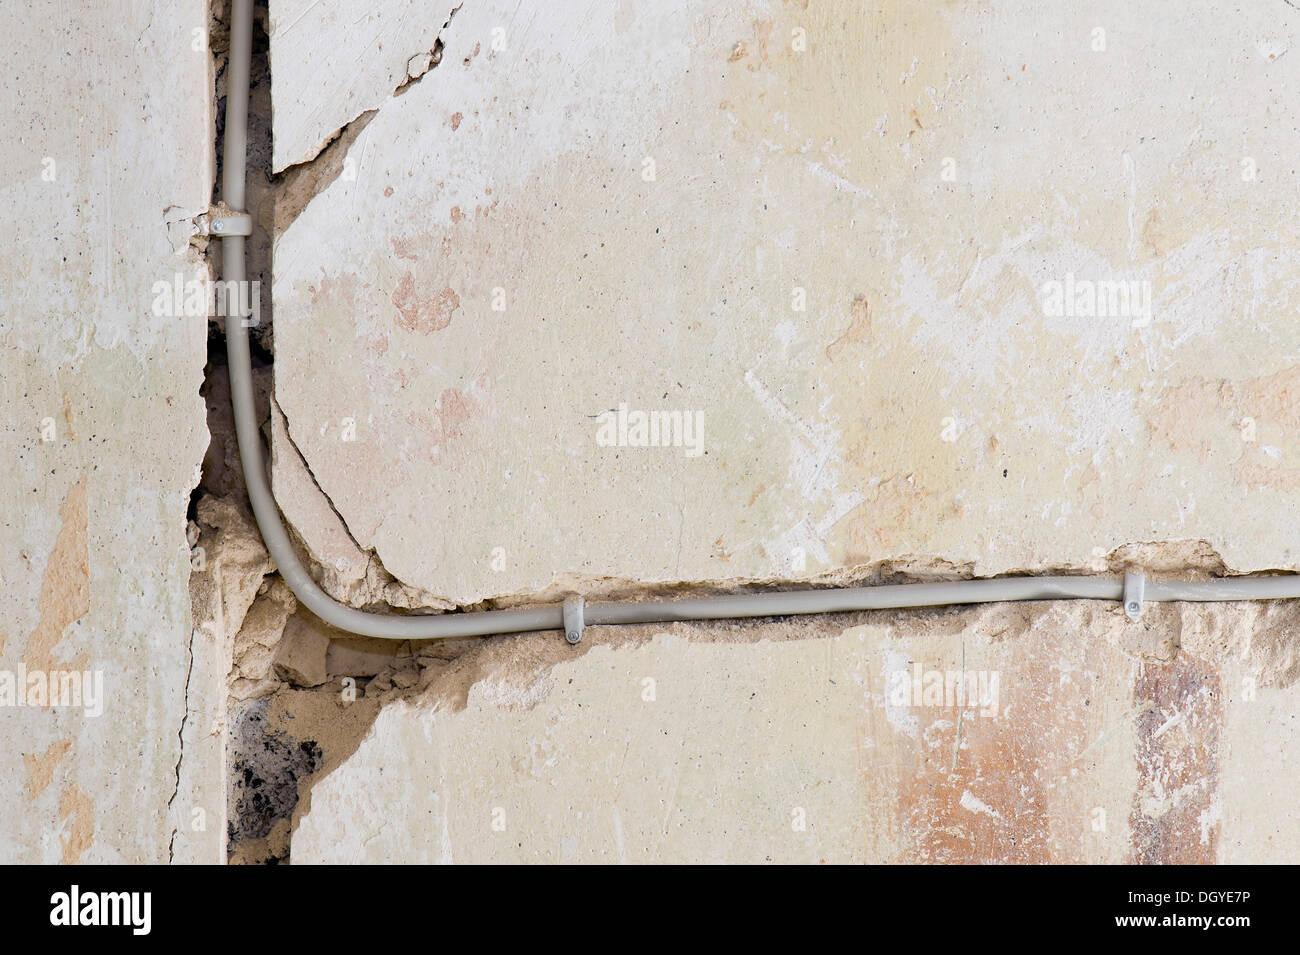 Elektrische Kabel verlegt unter Putz in einem Kabelkanal in einem alten Gebäude, Stuttgart, Baden-Württemberg Stockbild